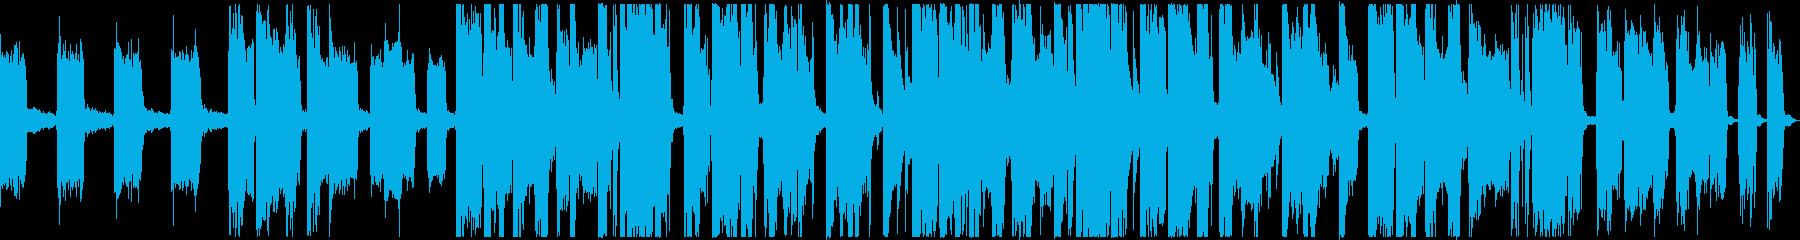 エレクトリックなジングル向け30秒の曲の再生済みの波形